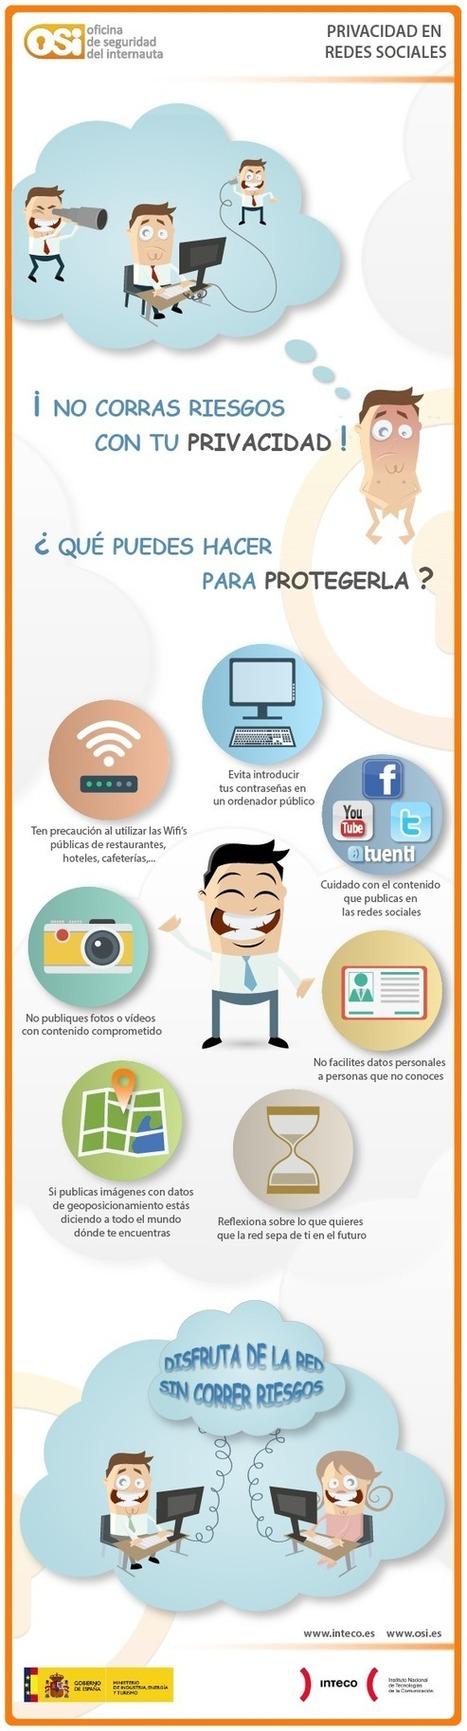 Privacidad en las Redes Sociales #infografia #infographic #socialmedia | Seo, Social Media Marketing | Scoop.it